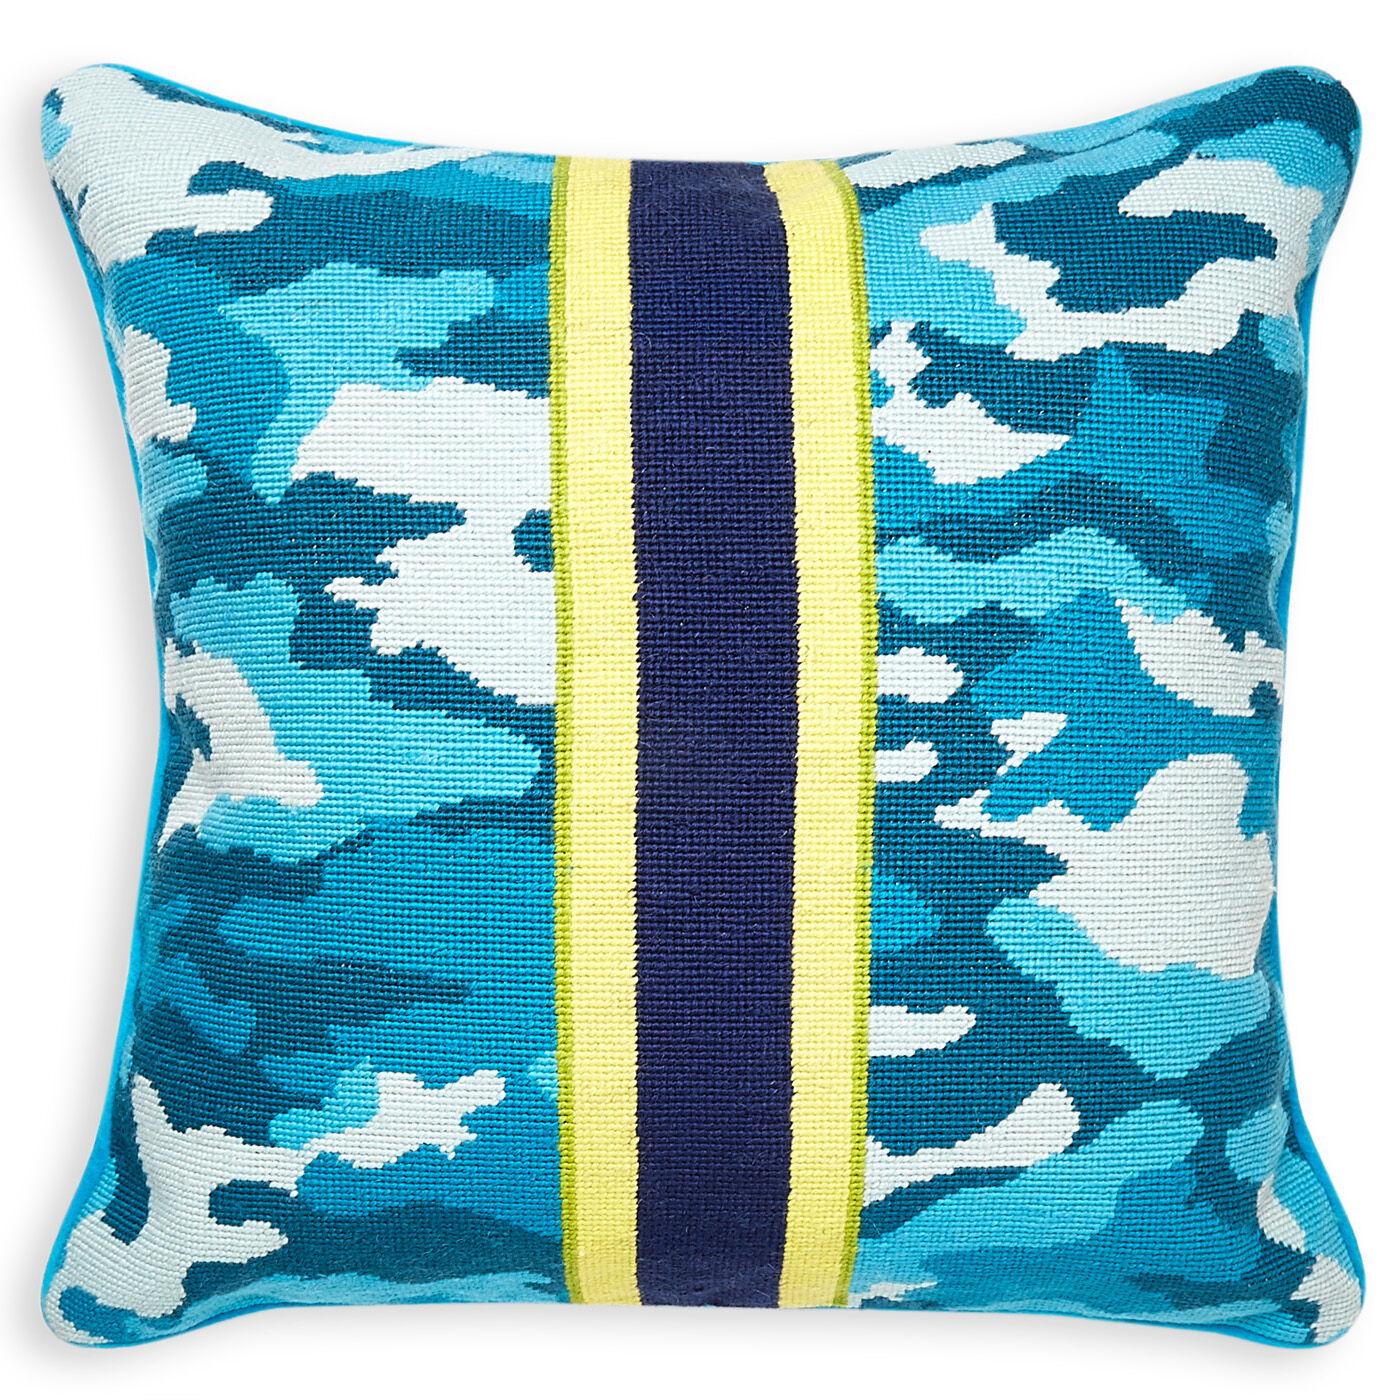 needlepoint teal camo needlepoint throw pillow